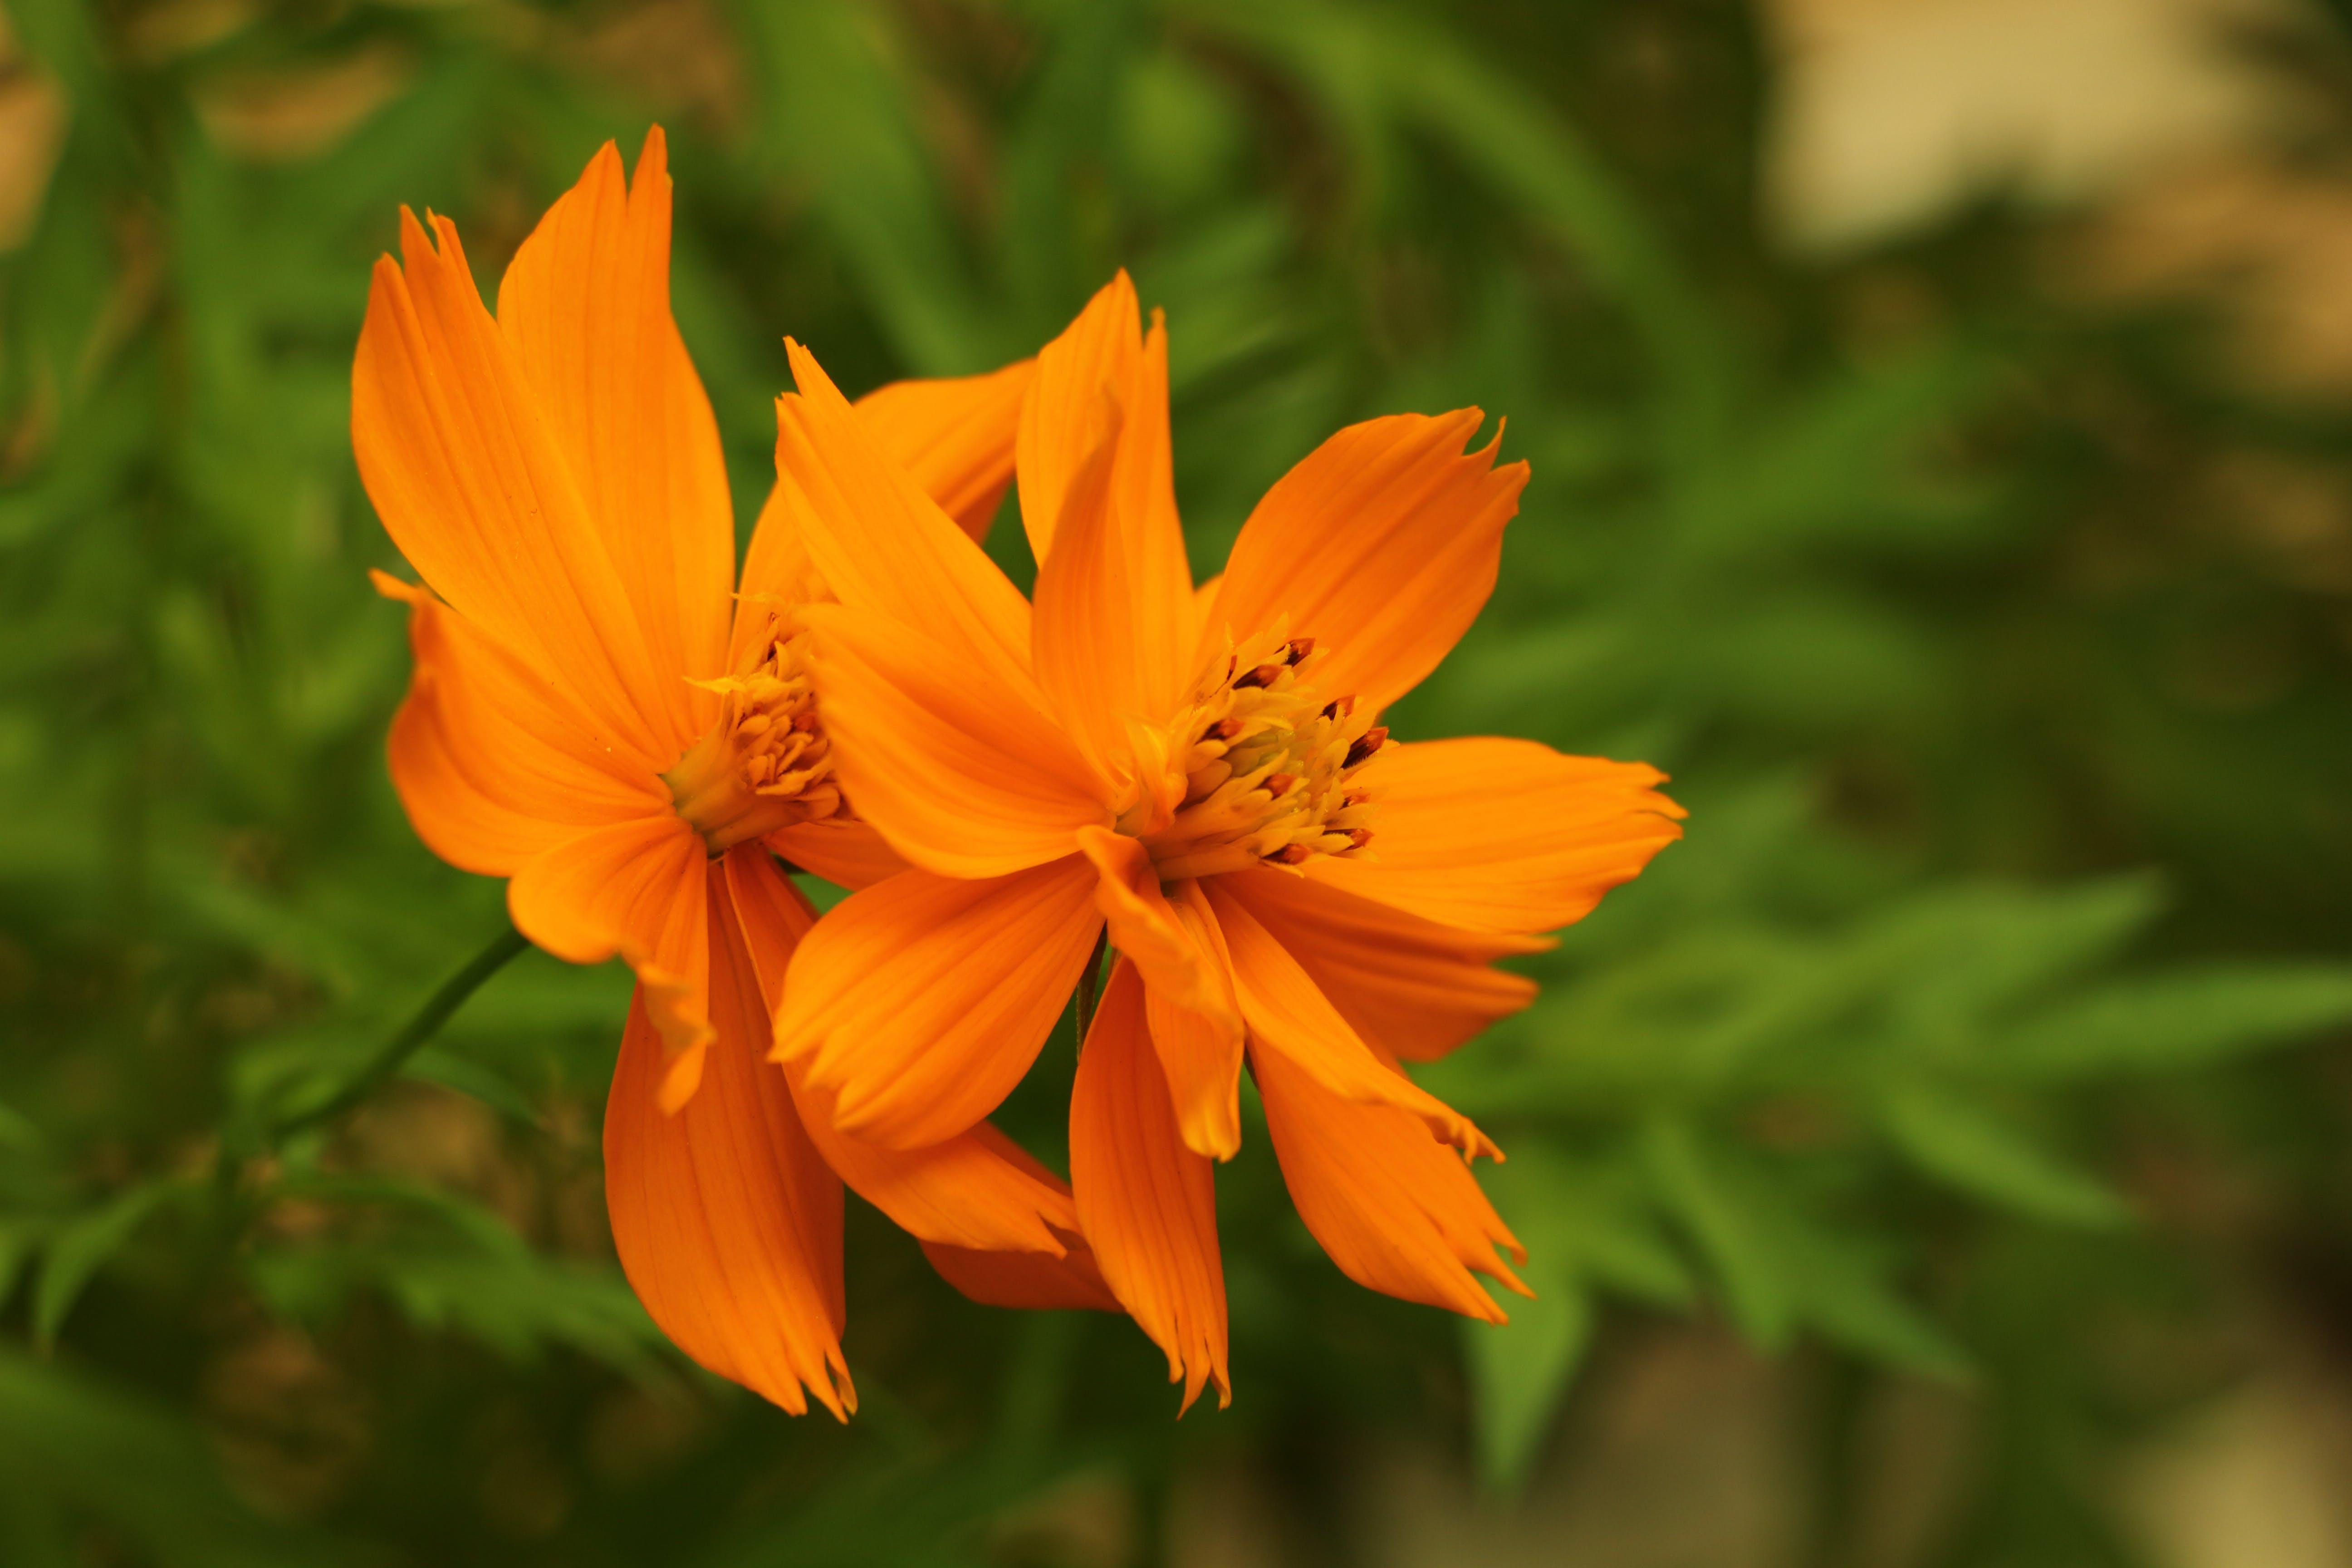 Kostenloses Stock Foto zu blühen, blumen, blütenblätter, blütenstaub